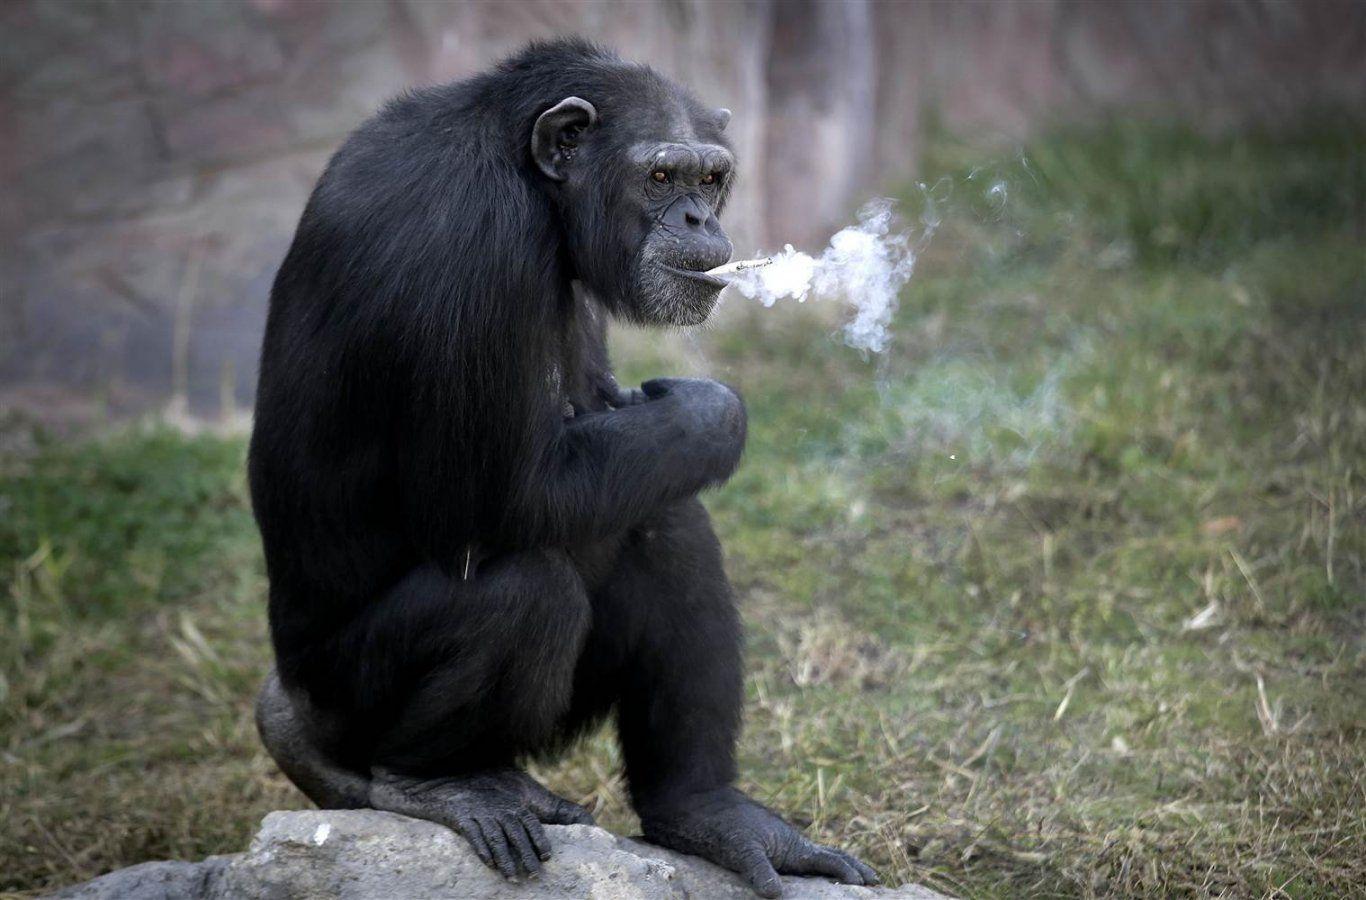 Copy of monkey smokin 1.jpg